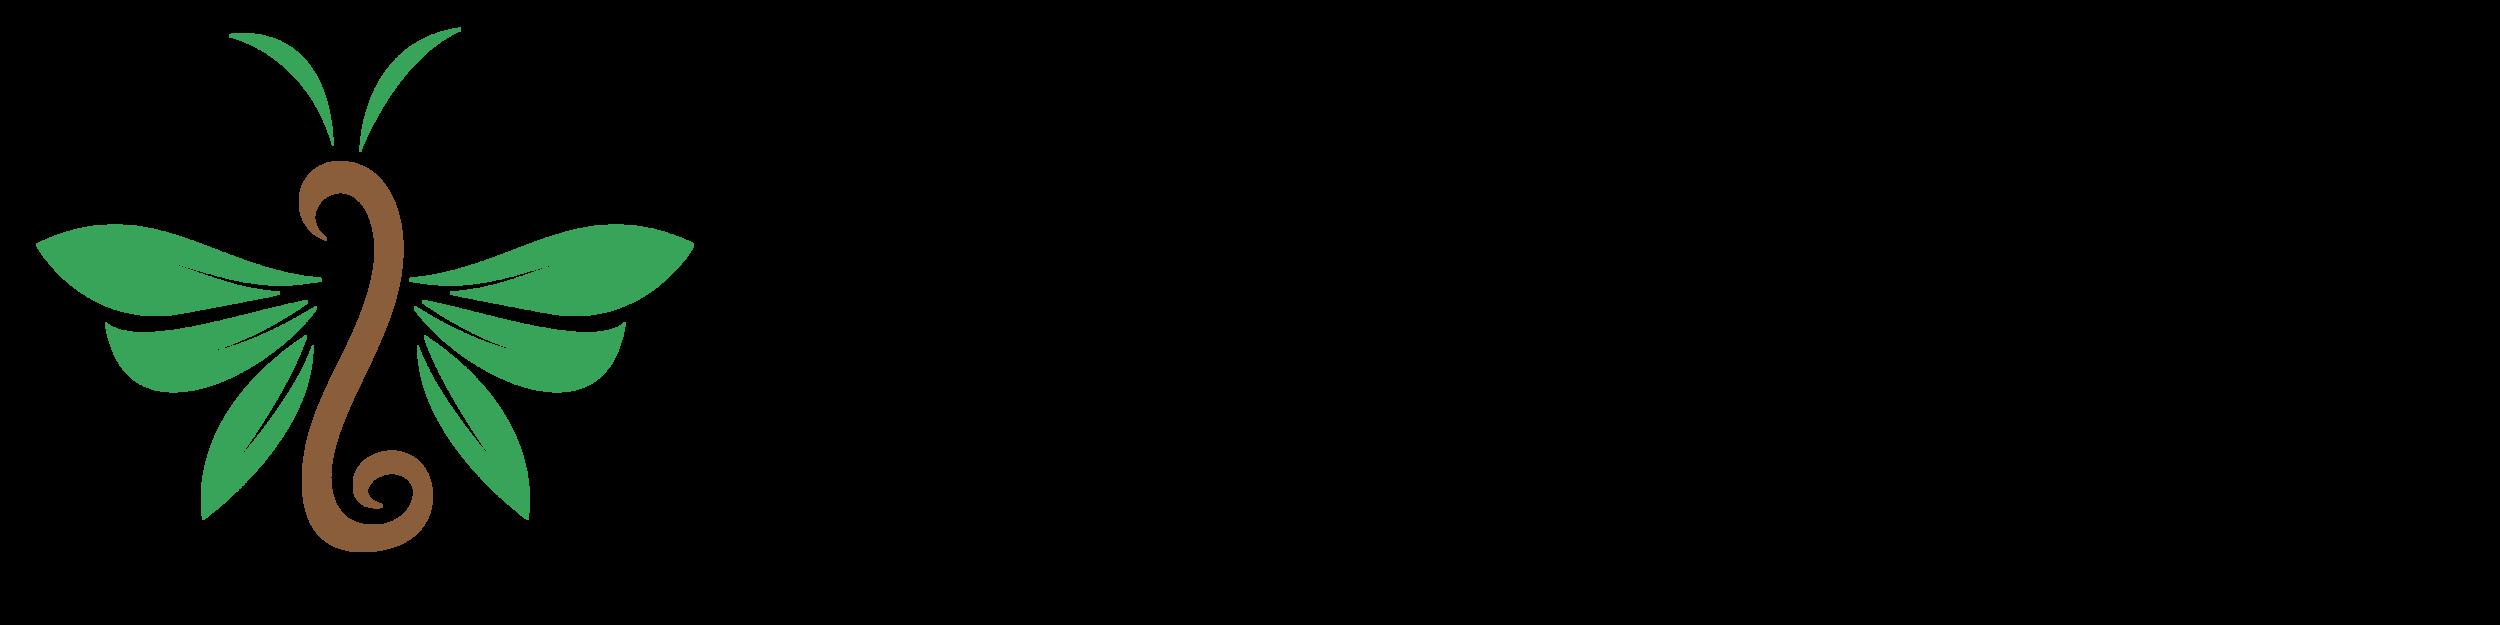 meta-01.png